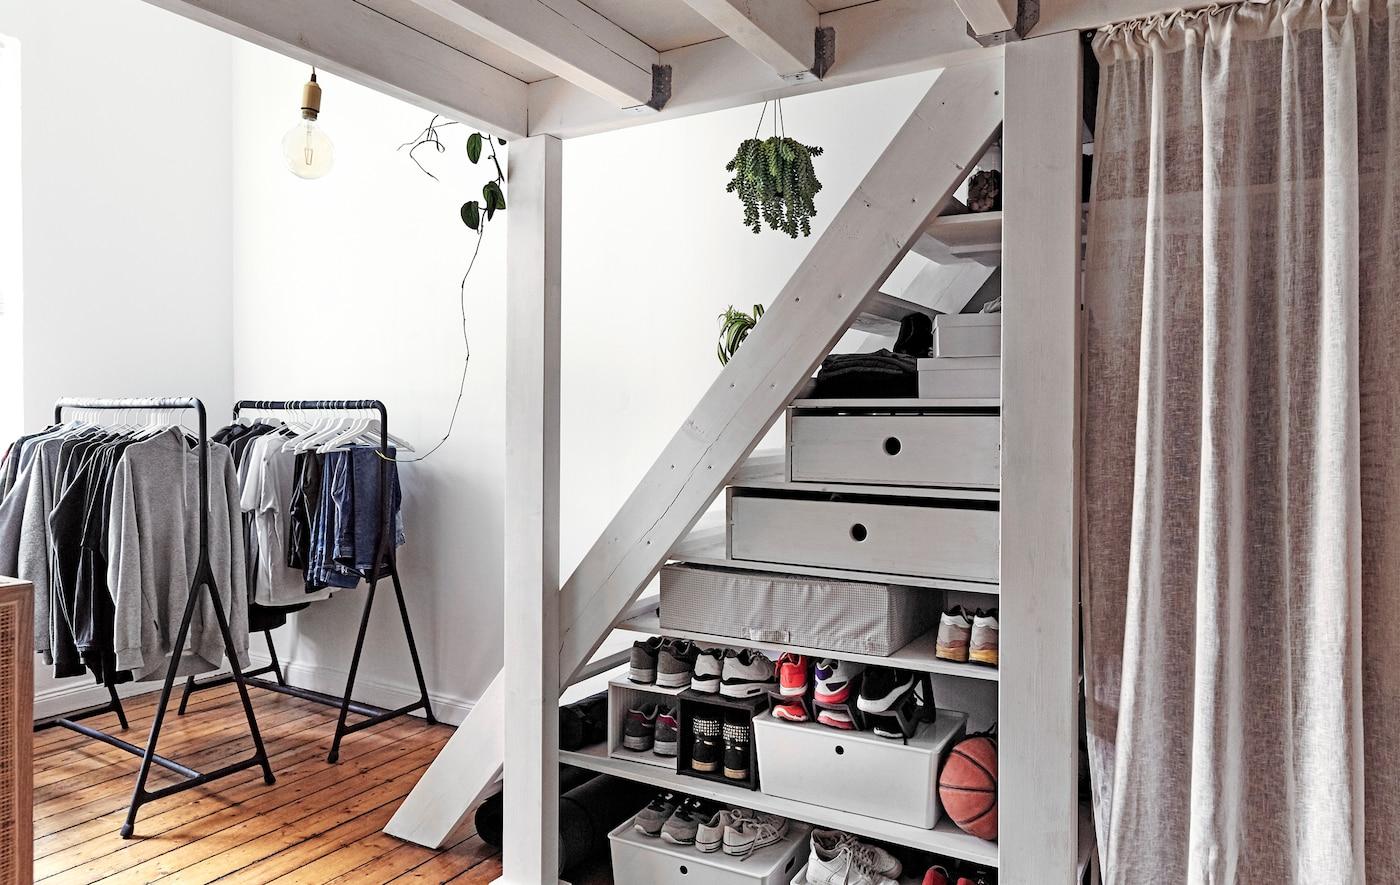 Rangements Sur Mesure Dans Une Chambre Ikea